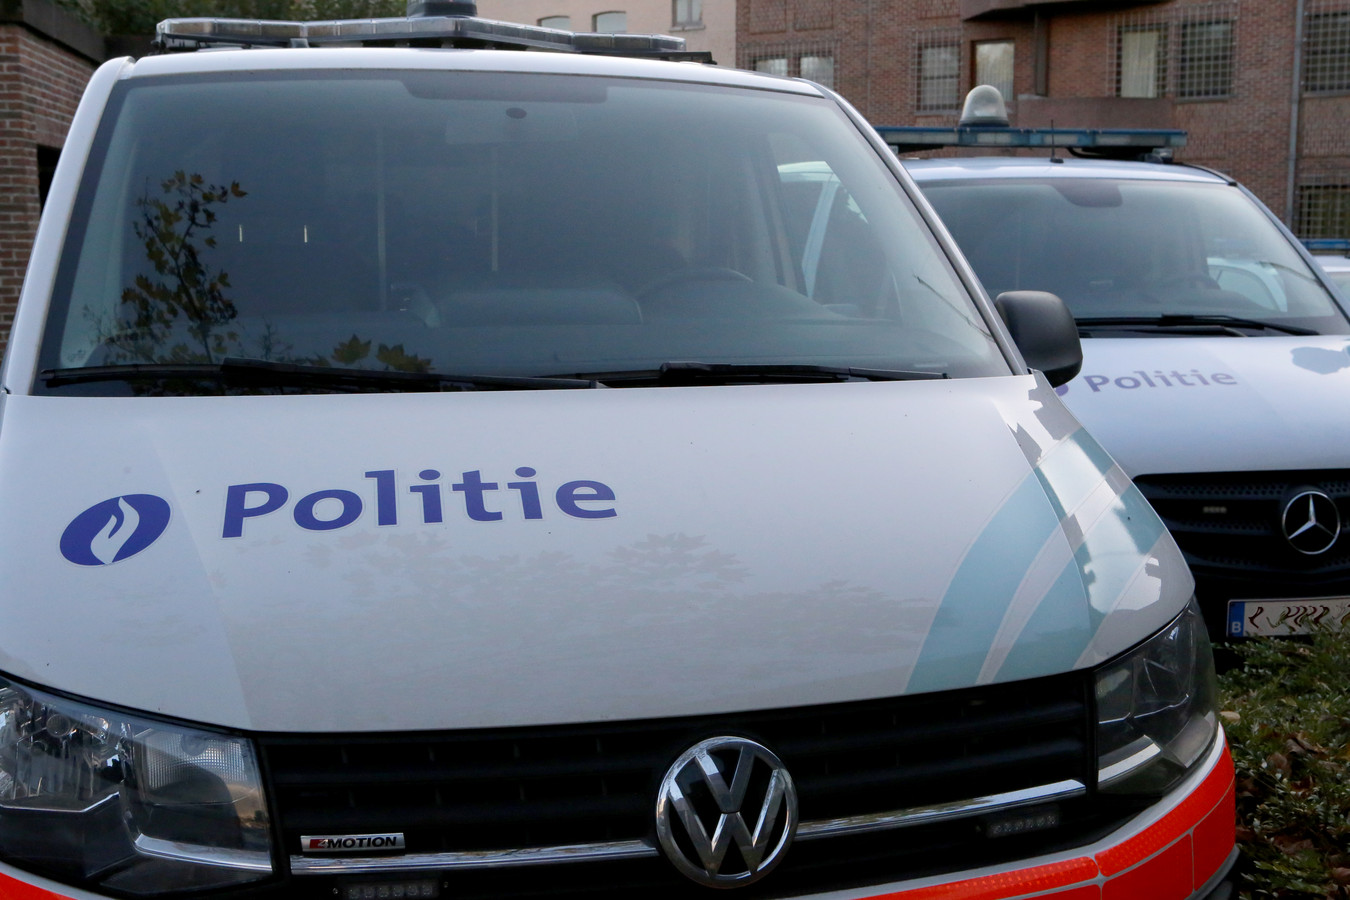 De politie stelt een onderzoek in.